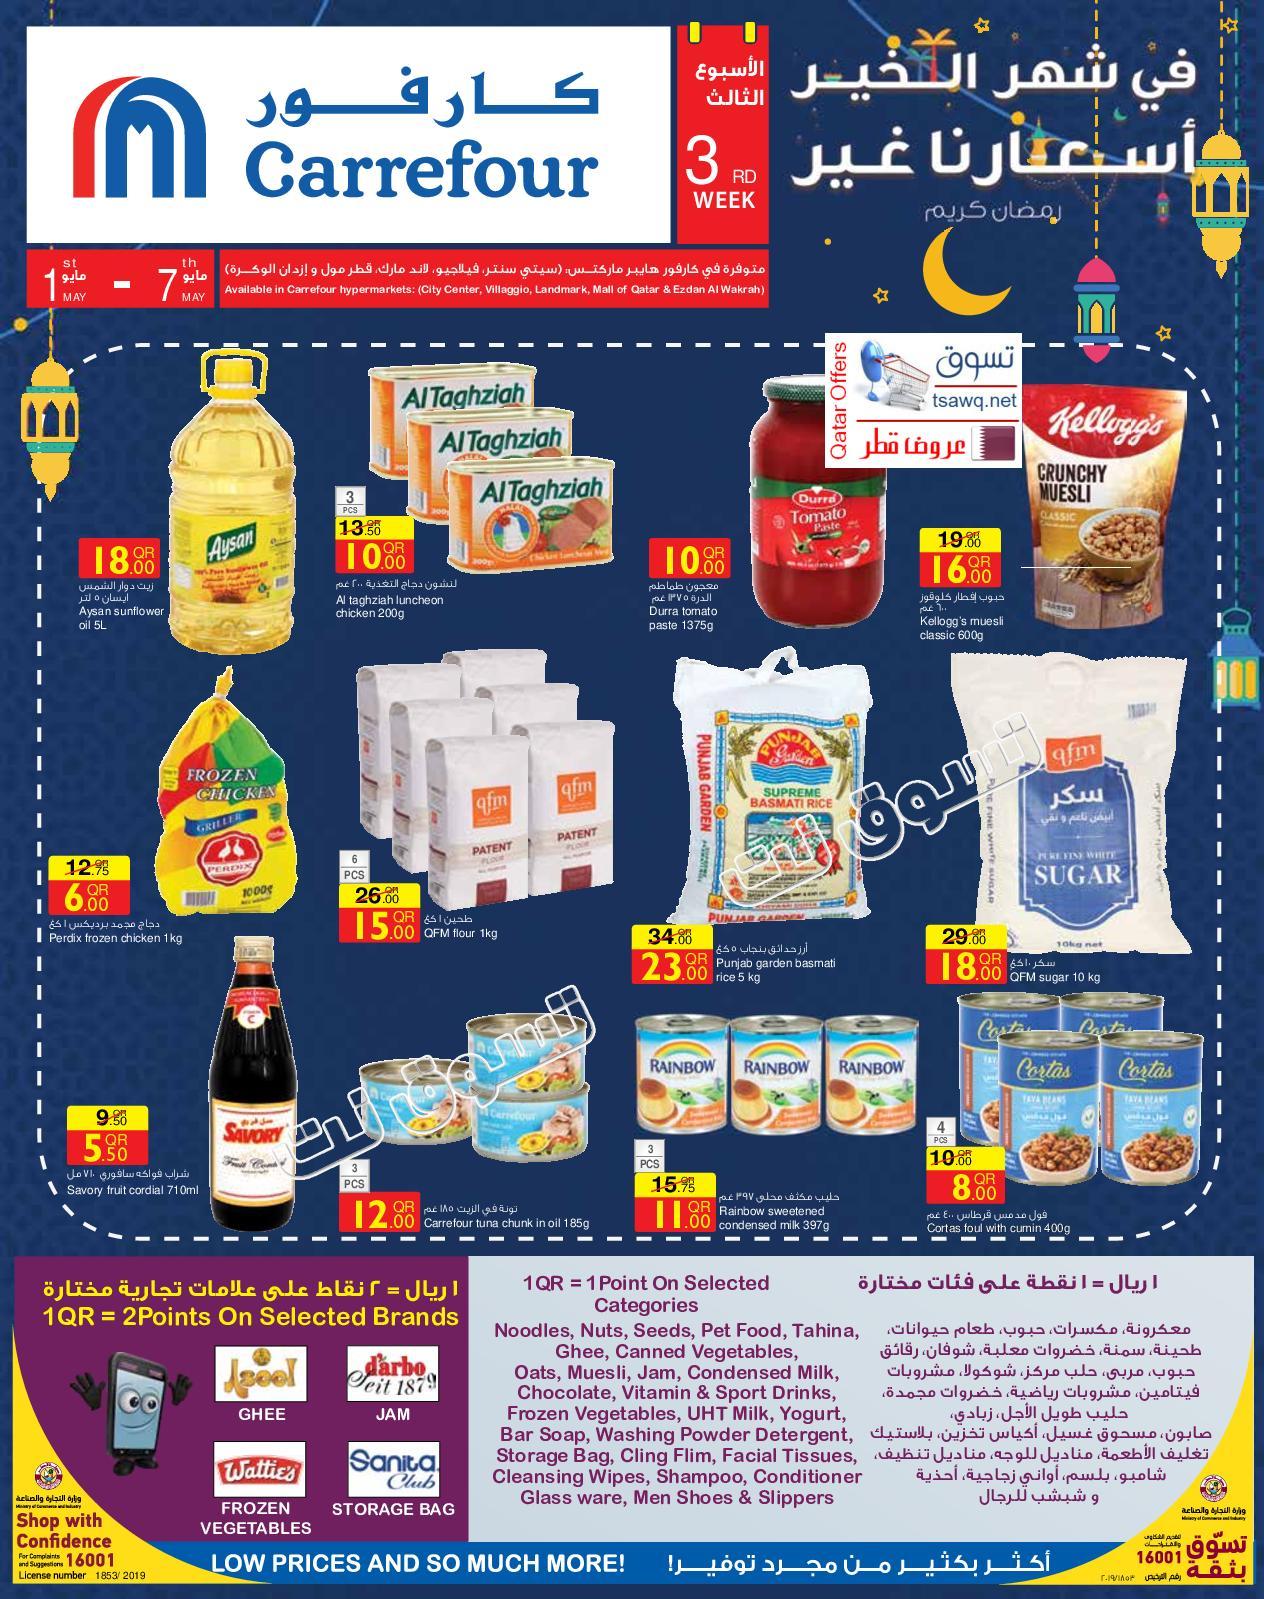 Calaméo Tsawq Net Carrefour Hyper Qa 01 05 2019